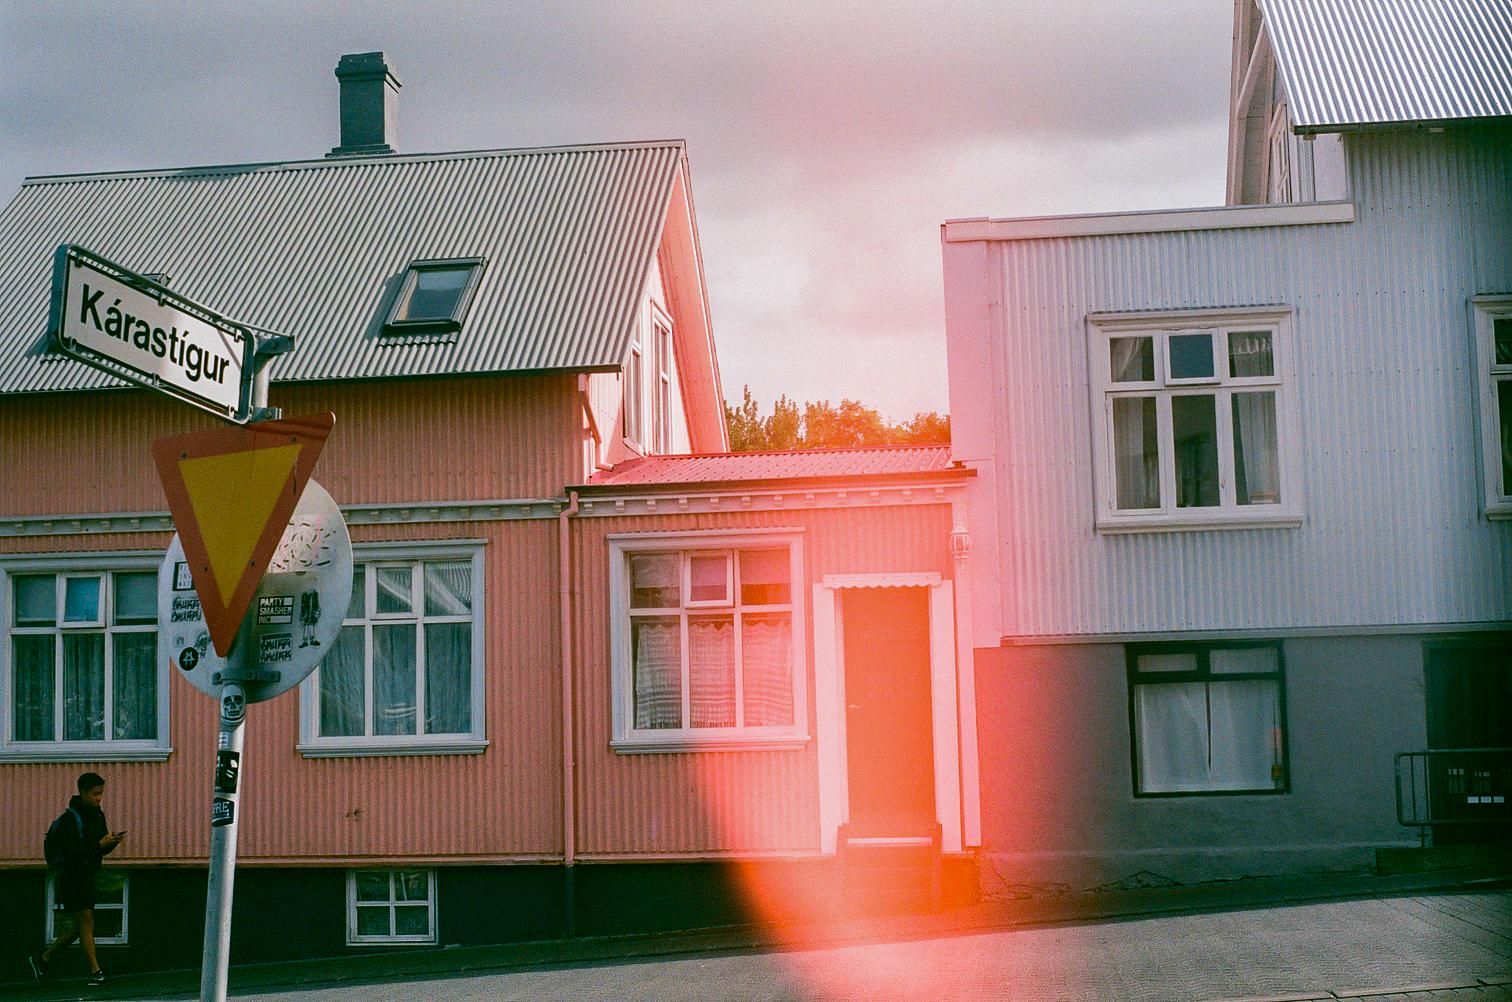 Reykjavik, Minolta SRT 201, shot on expired Kodak gold 400